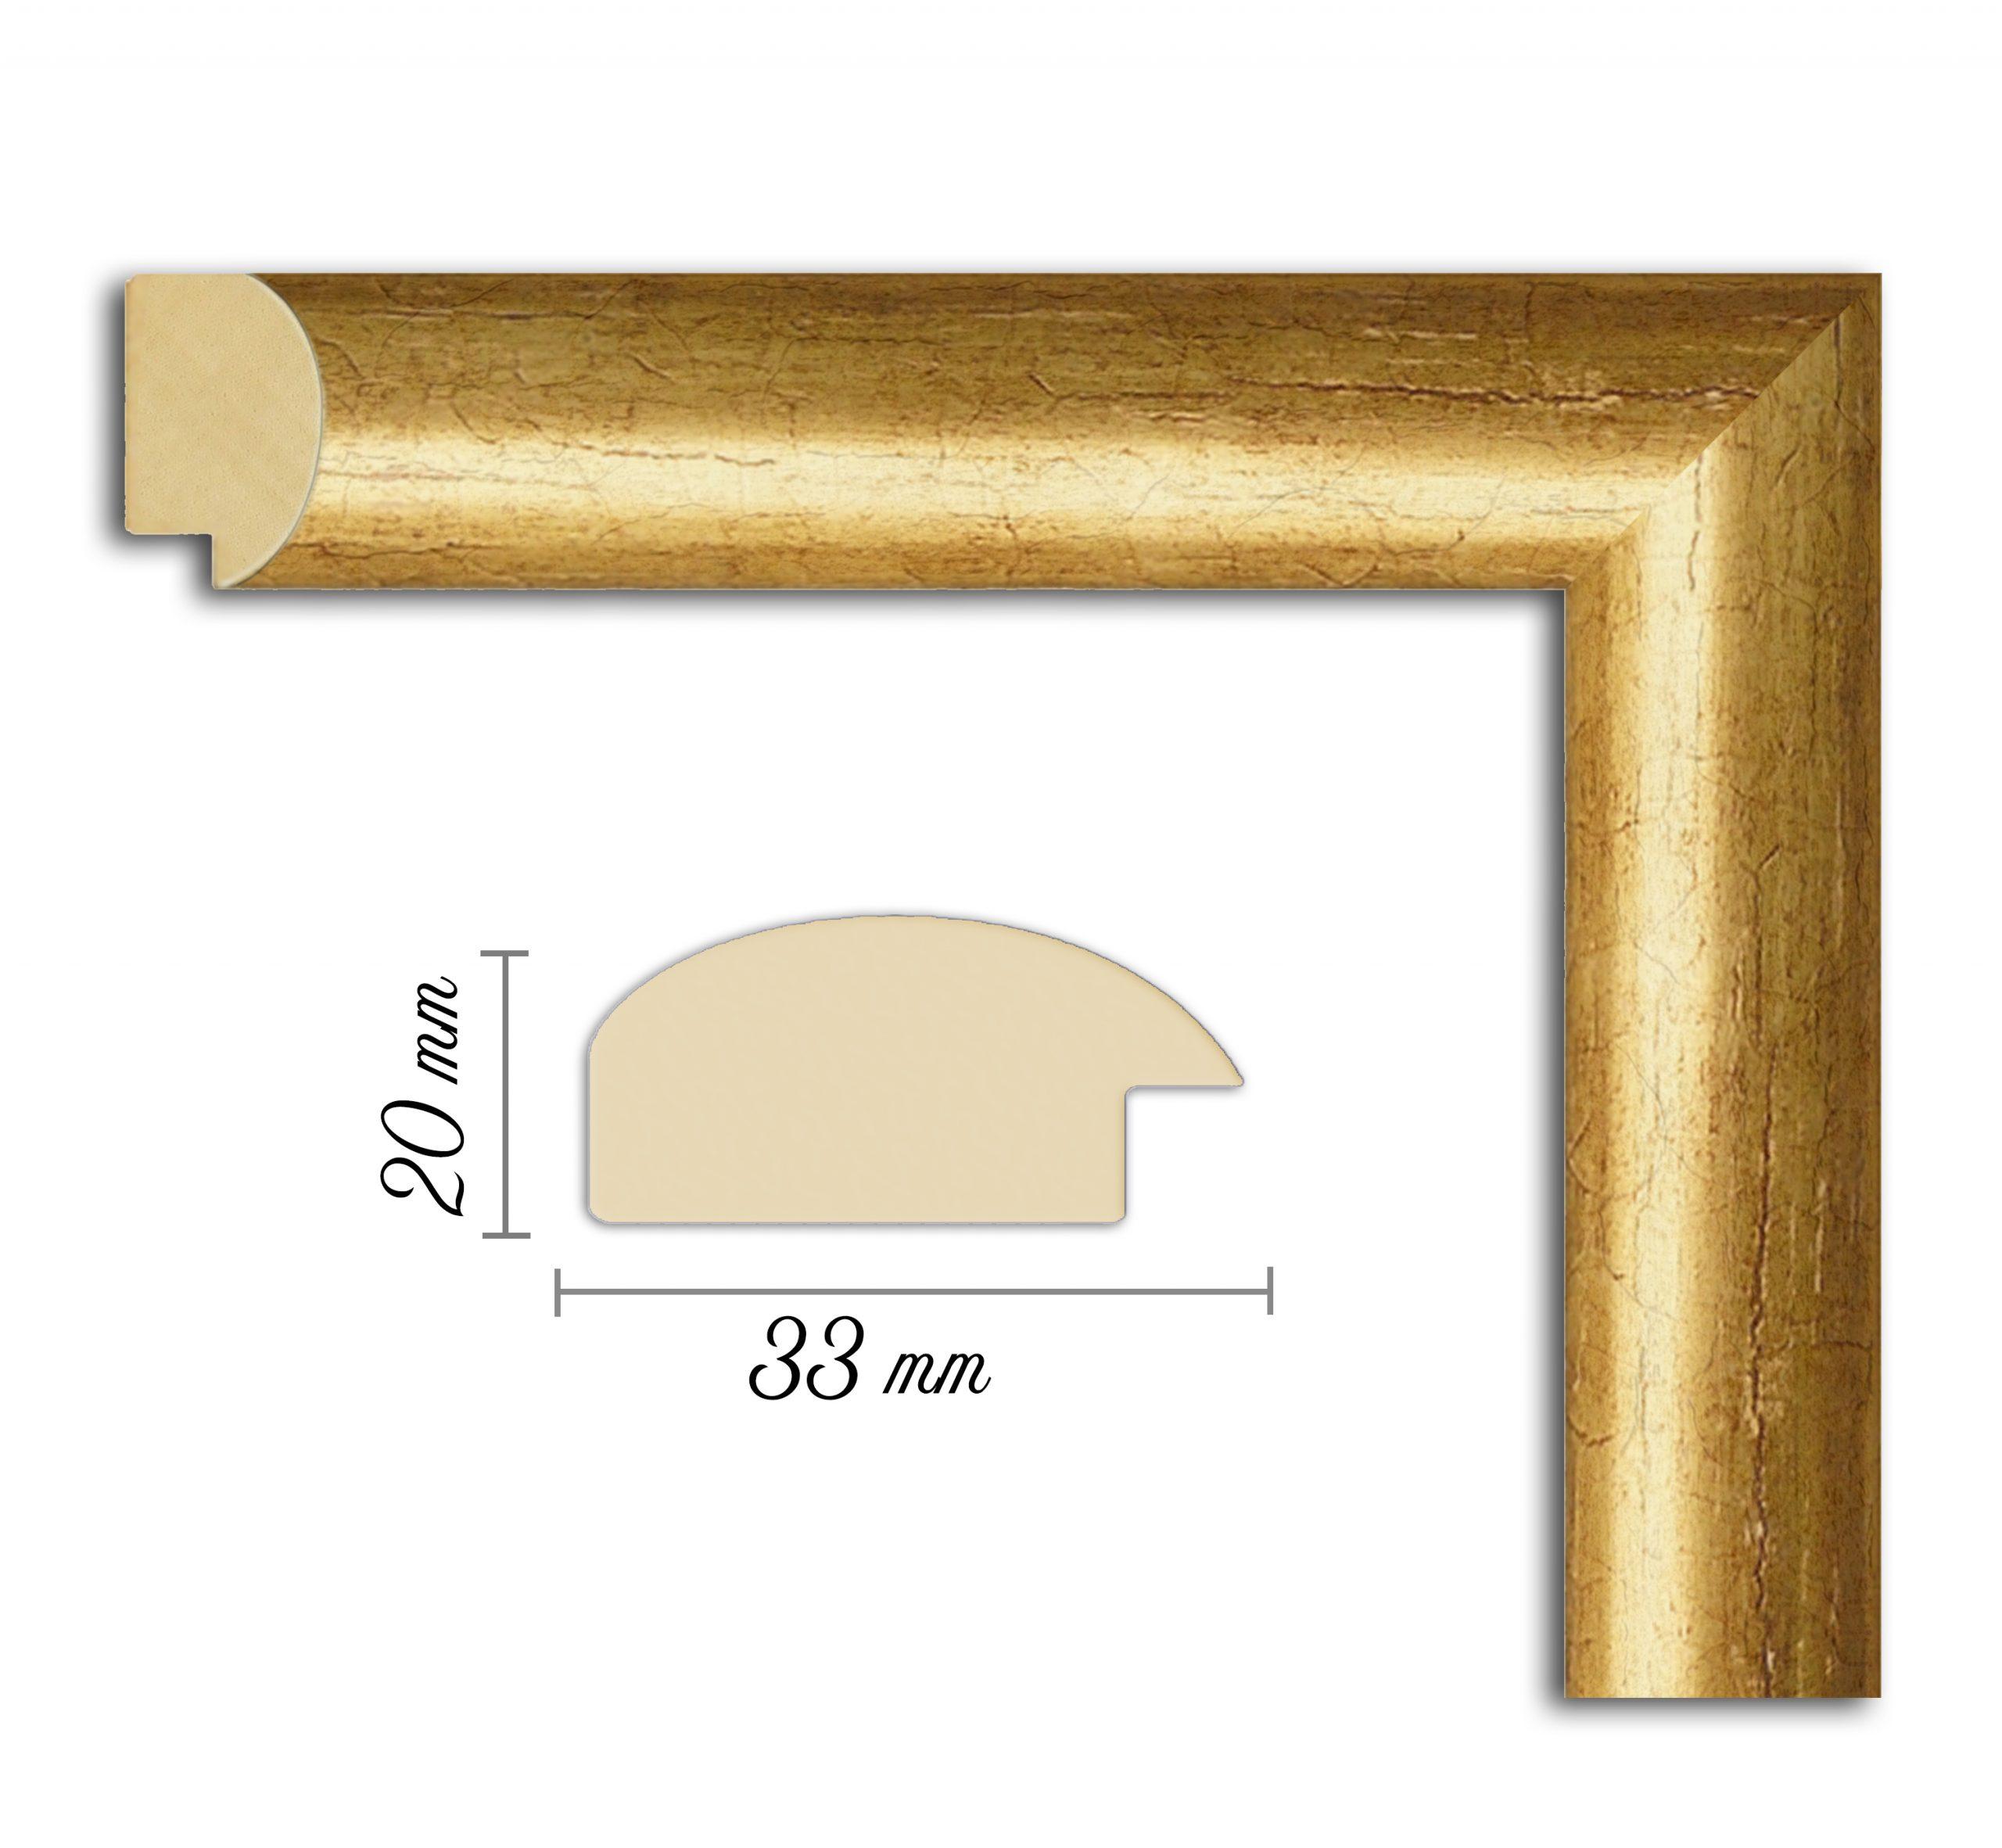 Дървен профил 05-33, Дървени профили за рамки, рамкиране, рамки за картини, рамки за гоблени, профили за рамки, профили за рамкиране, рамки от дърво, дървени рамки, профили за рамки, профили за рамкране, рамкиране на картини; златна рамка, златна дървена рамка, златист профил за рамка, златиста рамка от дърво; Дървен профил златен, златиста рамка, златен прфил за рамка